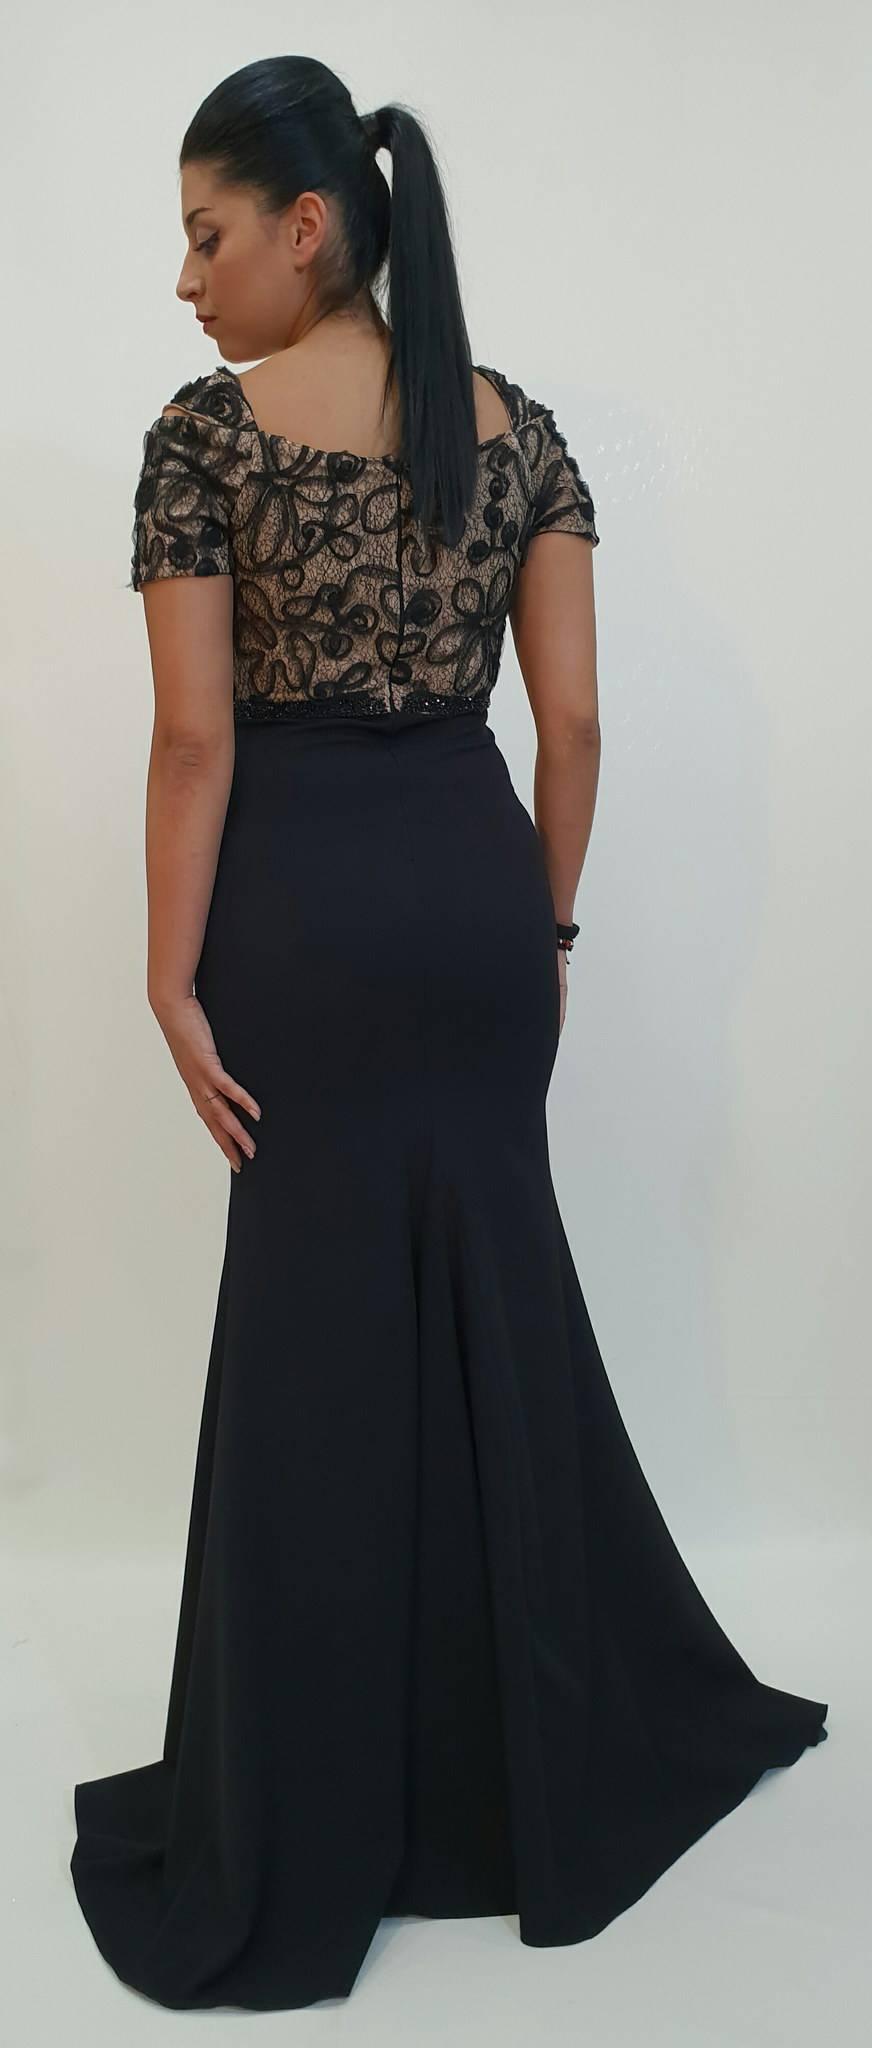 Φόρεμα στενό με δαντέλα στο μπούστο